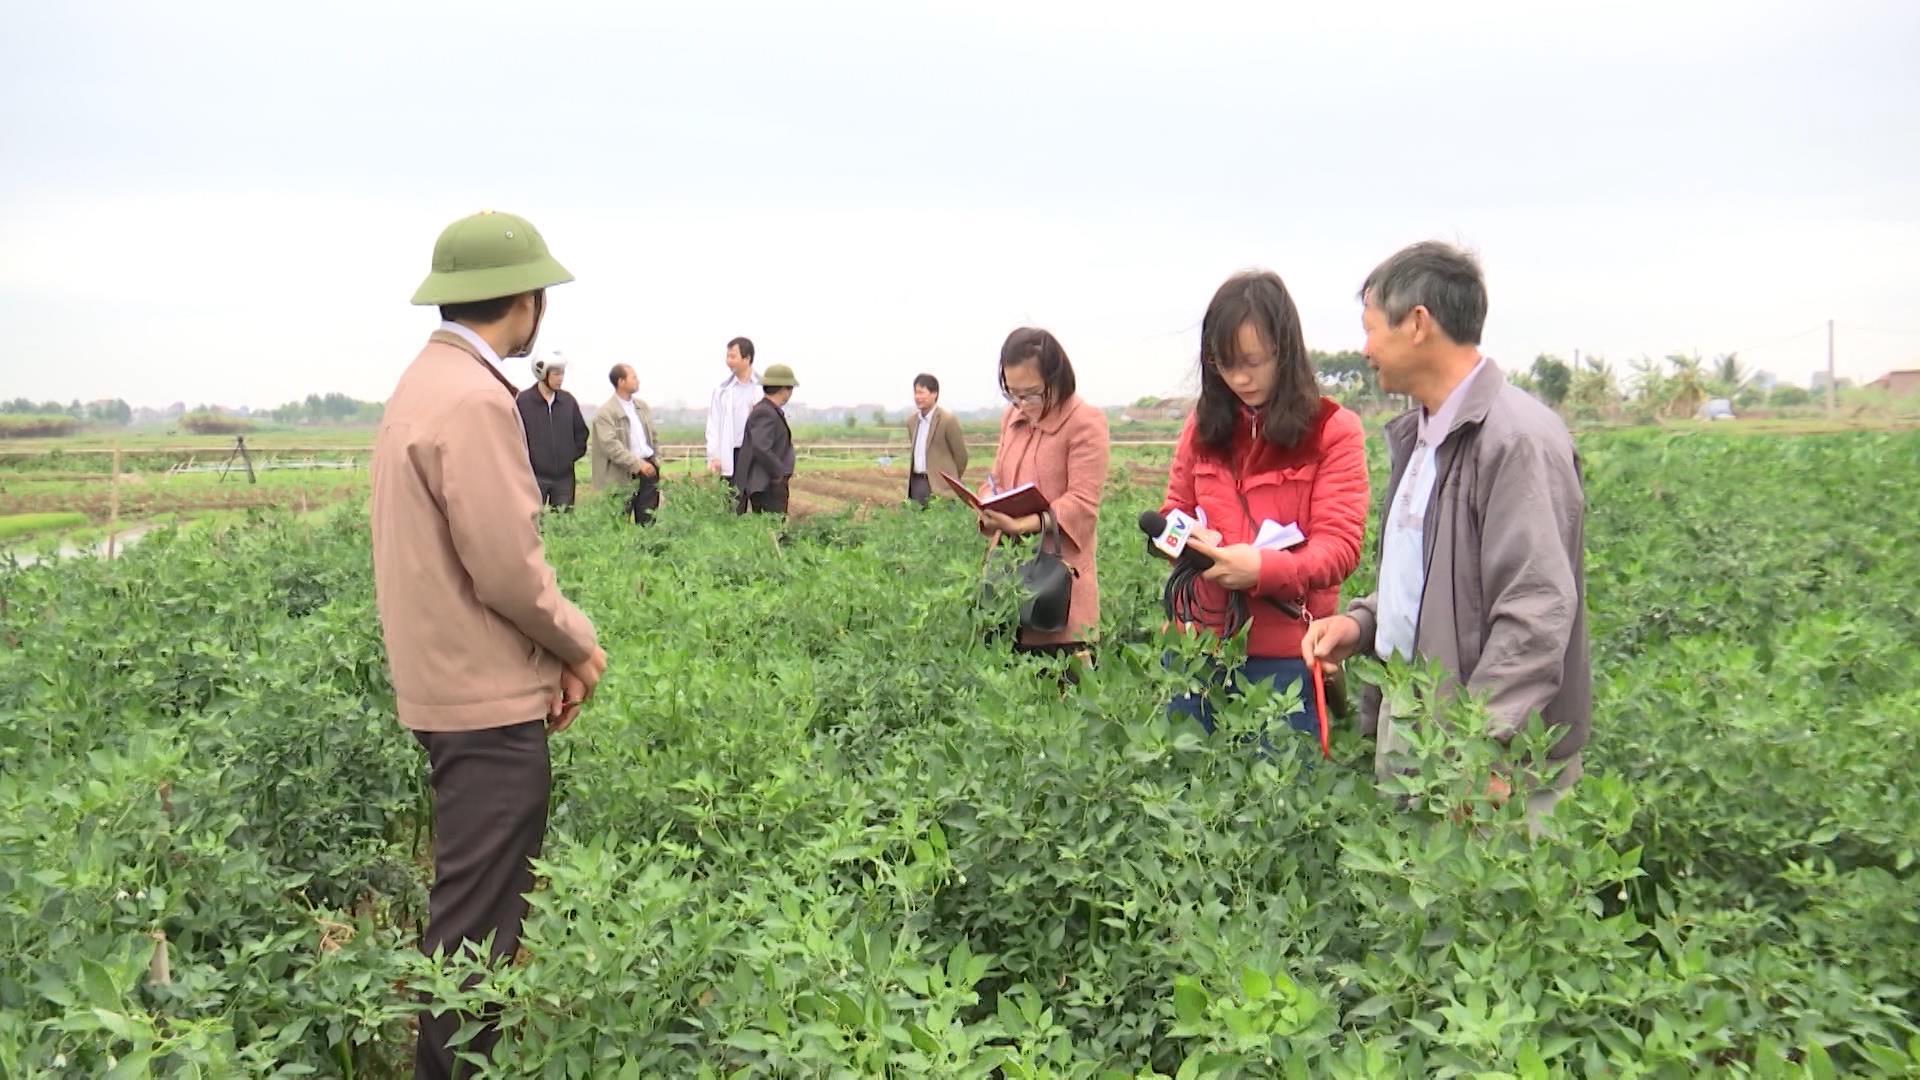 Liên kết- Hướng đi bền vững trong sản xuất nông nghiệp